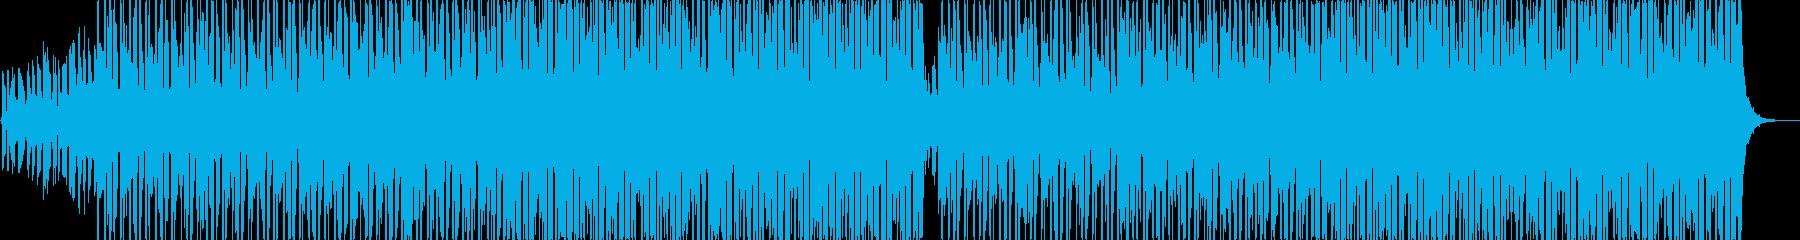 EDMショーリールフェス向けテックハウスの再生済みの波形